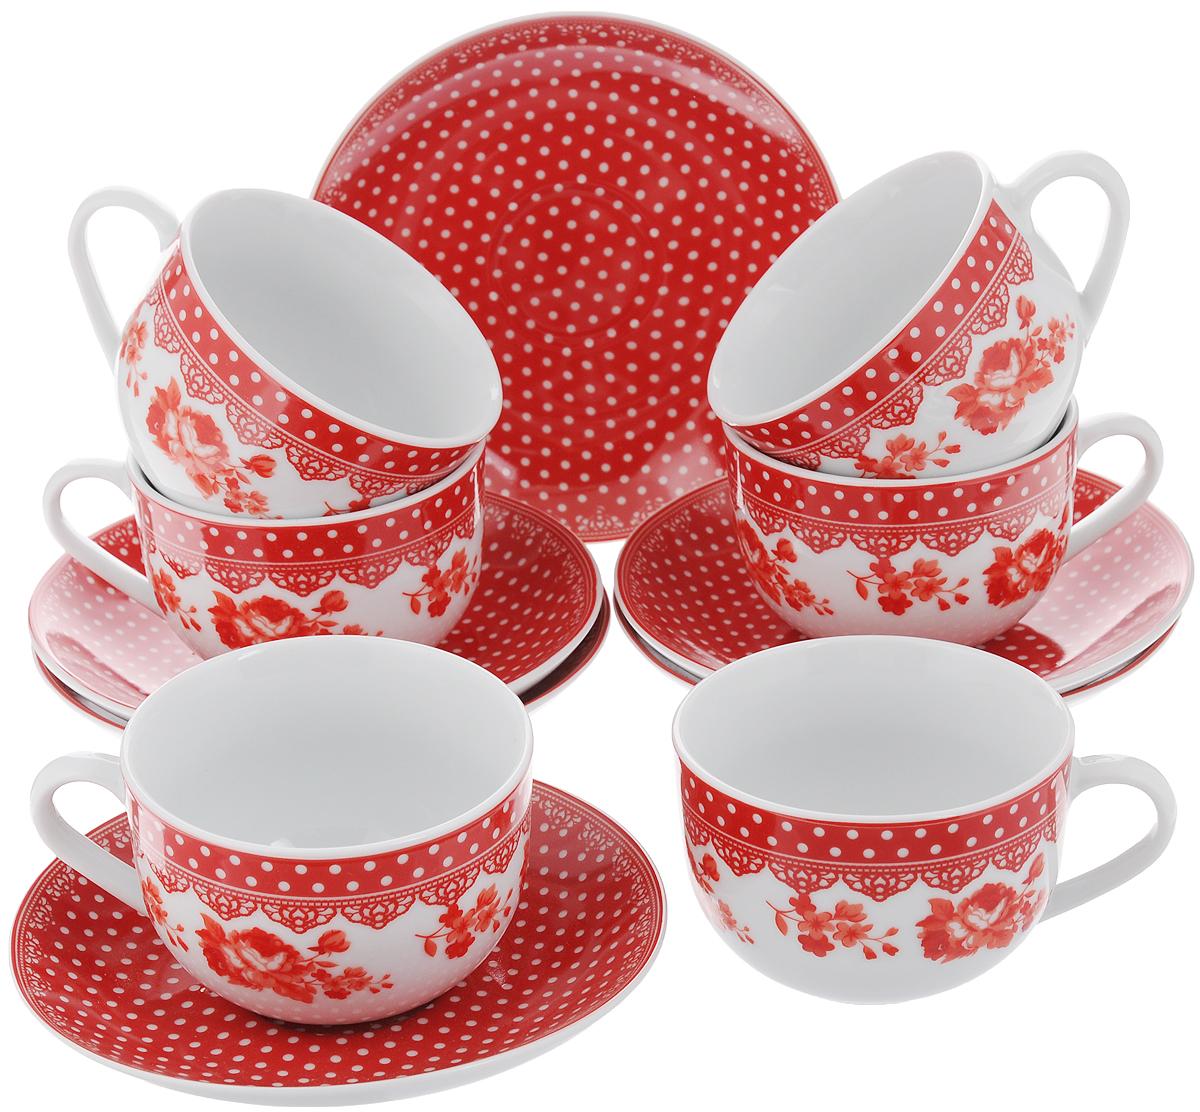 Набор чайный Loraine, цвет: белый, красный, 12 предметов. 2590725907Чайный набор Loraine состоит из 6 чашек и 6 блюдец. Изделия выполнены из высококачественного фарфора и оформлены ярким рисунком. Такой набор прекрасно дополнит сервировку стола к чаепитию, а также станет замечательным подарком для ваших друзей и близких. Объем чашки: 220 мл. Диаметр чашки по верхнему краю: 9 см. Высота чашки: 6,2 см. Диаметр блюдца: 14,5 см.Высота блюдца: 2,3 см.